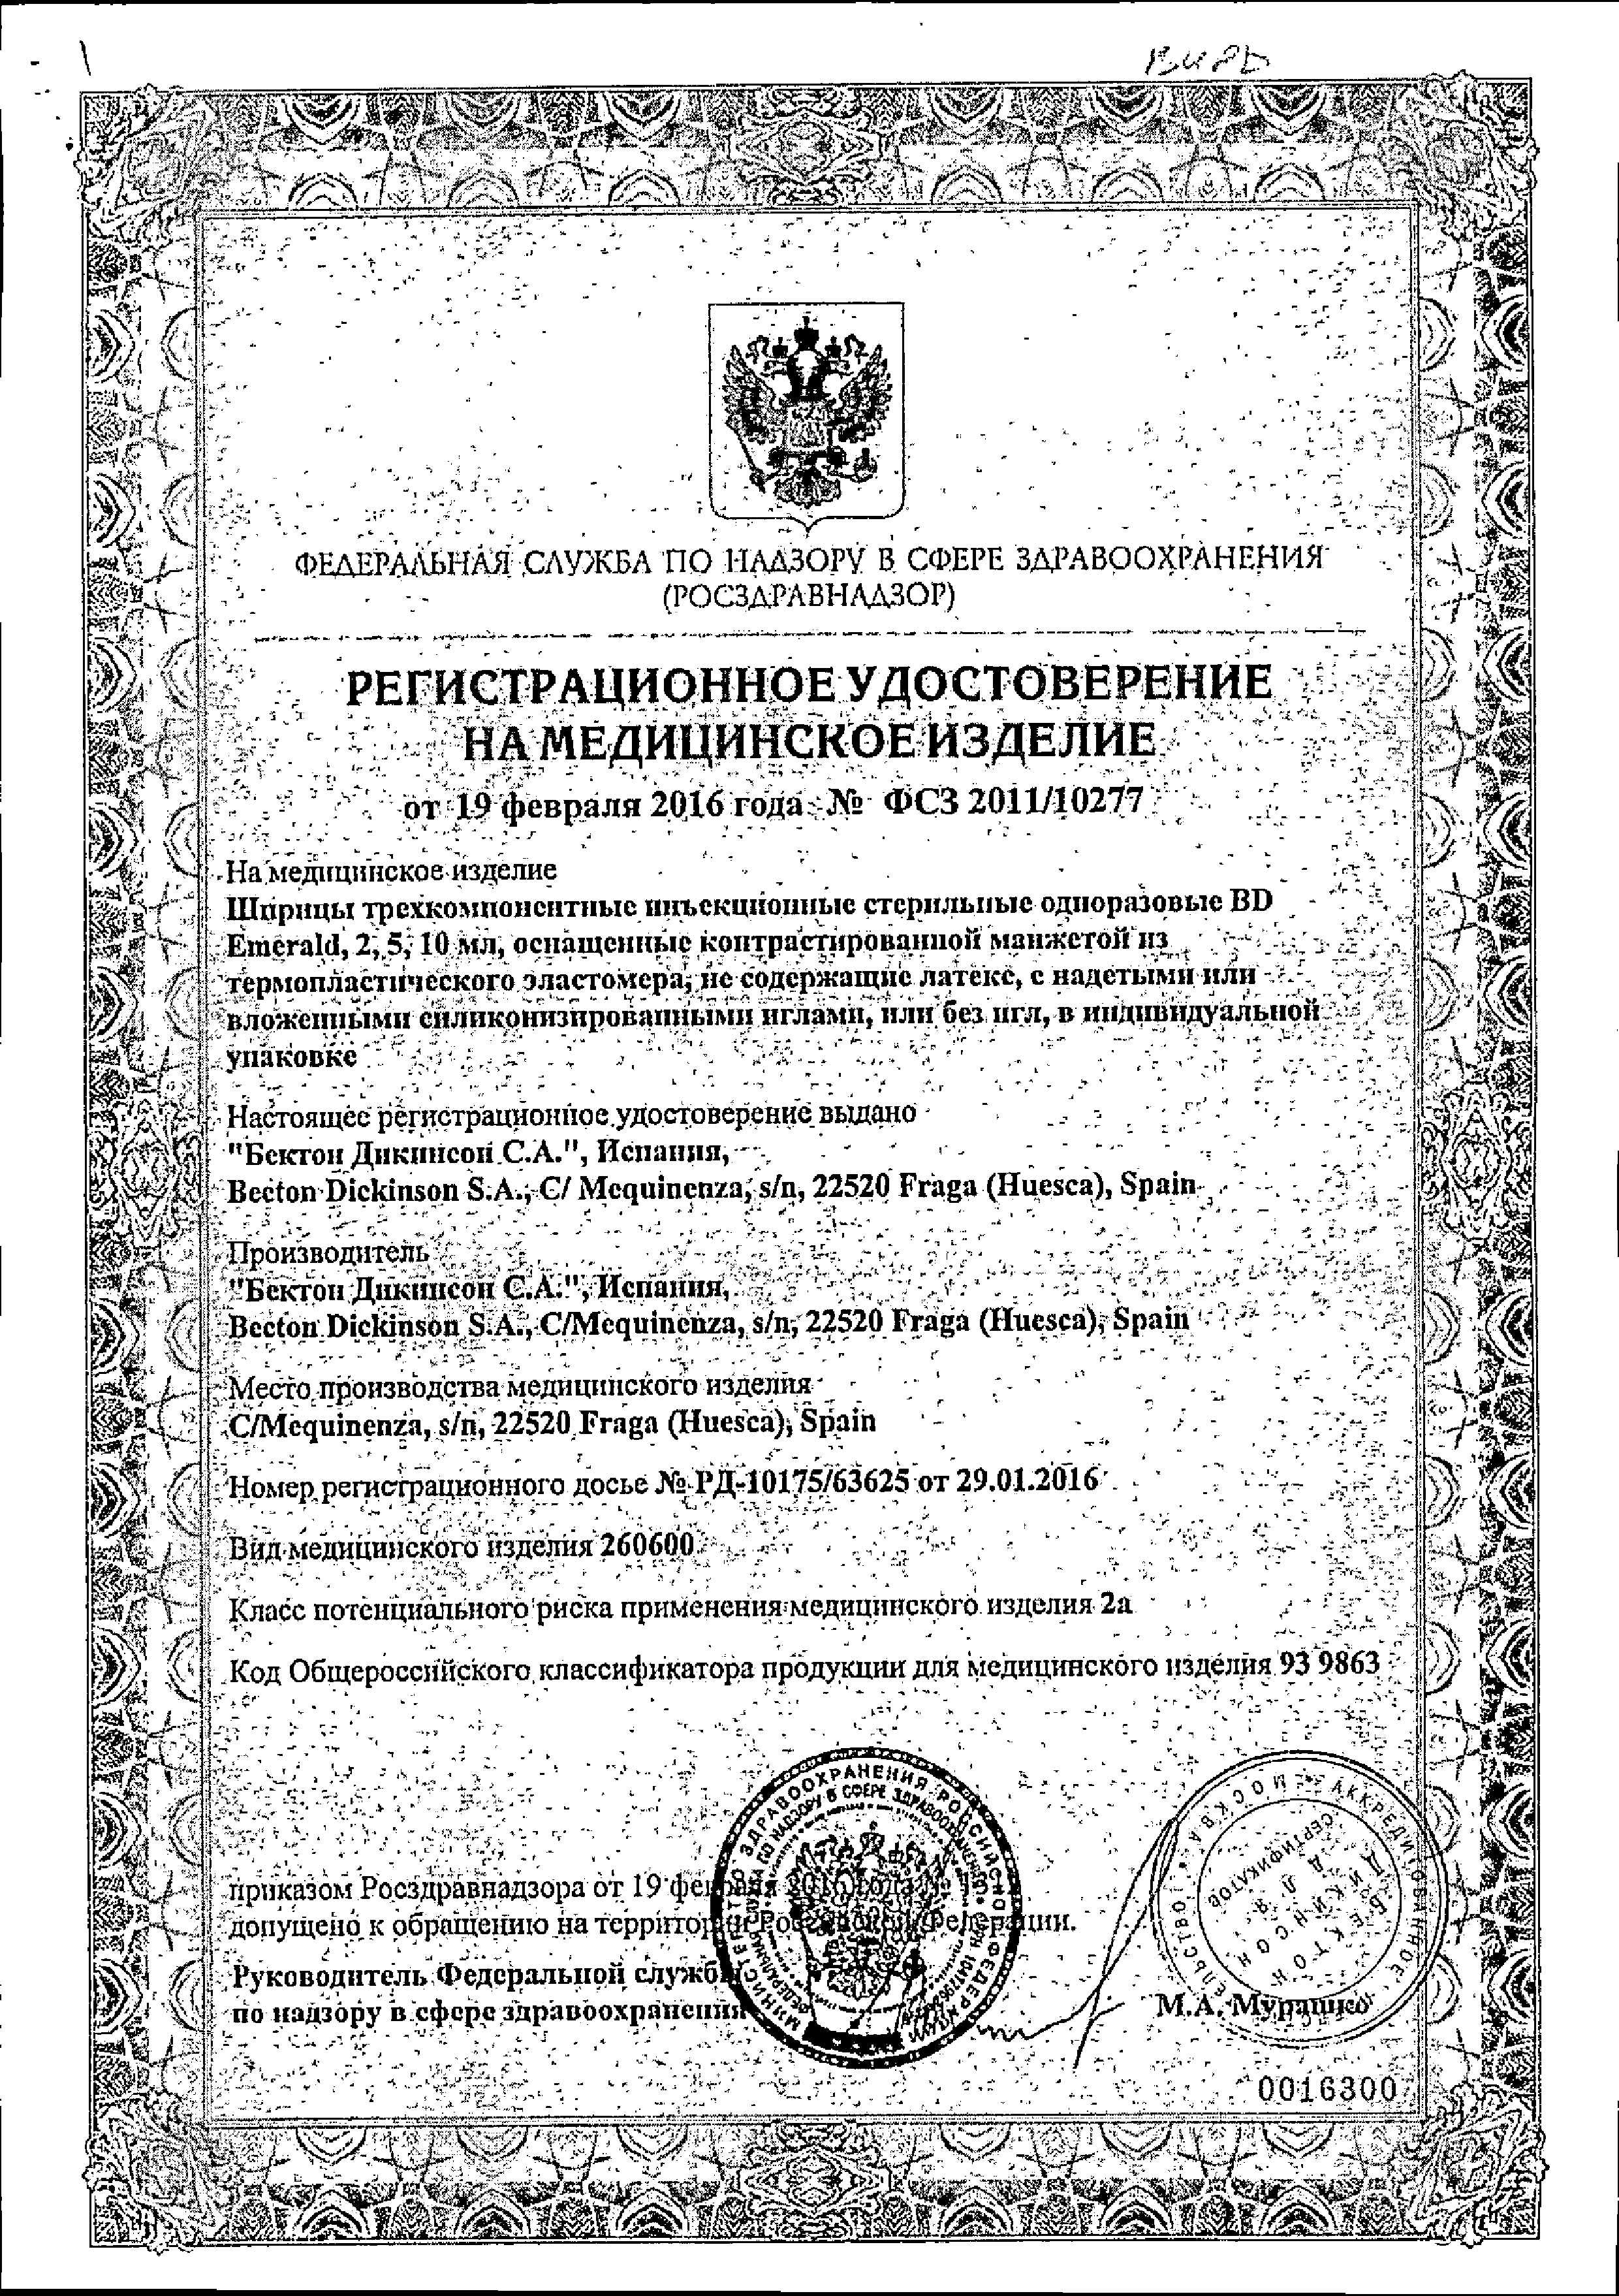 Шприц трехкомпонентный инъекционный одноразовый BD Emerald сертификат